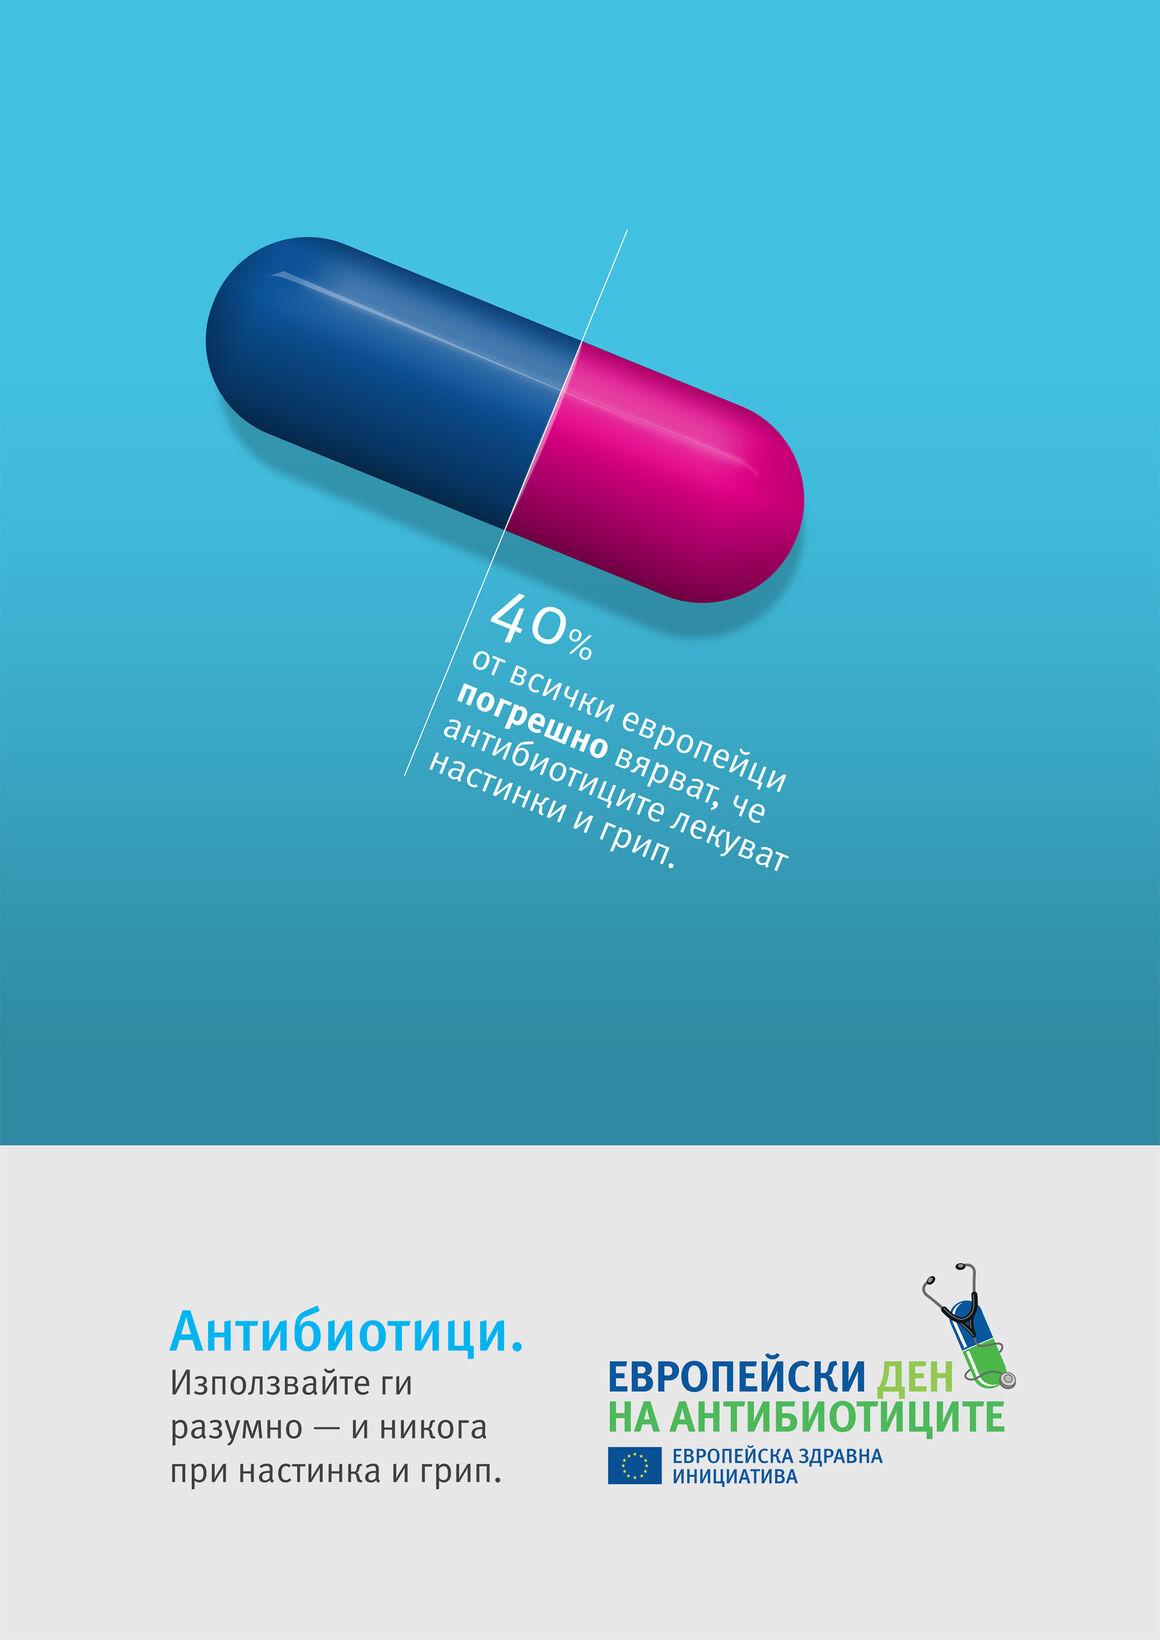 Плакат: Антибиотици. Използвайте ги разумно — и никога при настинка и грип.